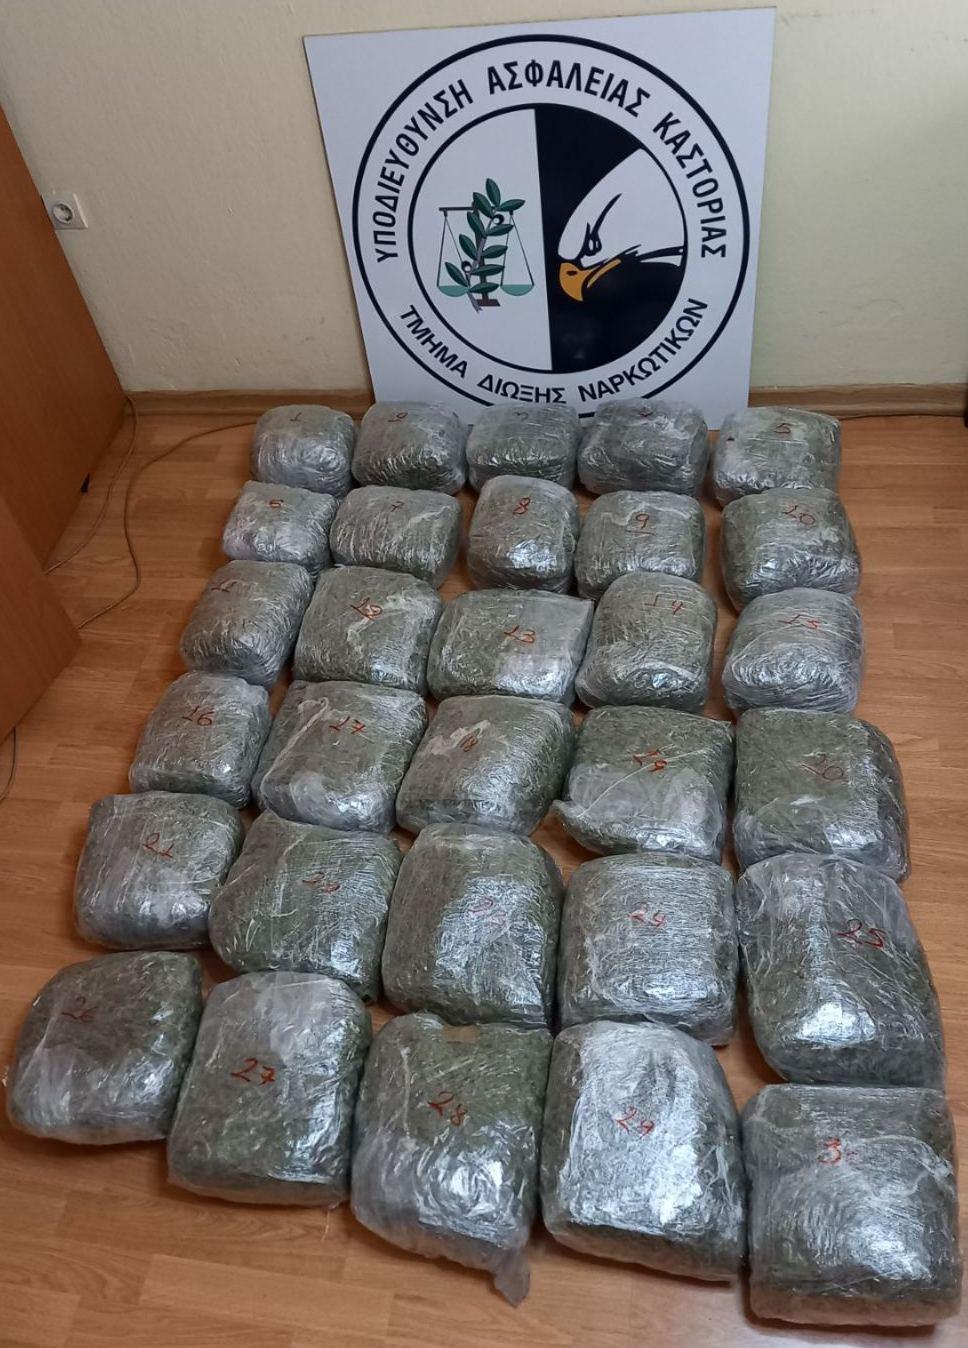 Συνελήφθησαν δύο άτομα στην Καστοριά για διακίνηση ακατέργαστης κάνναβης, βάρους 31 κιλών και 300 γραμμαρίων